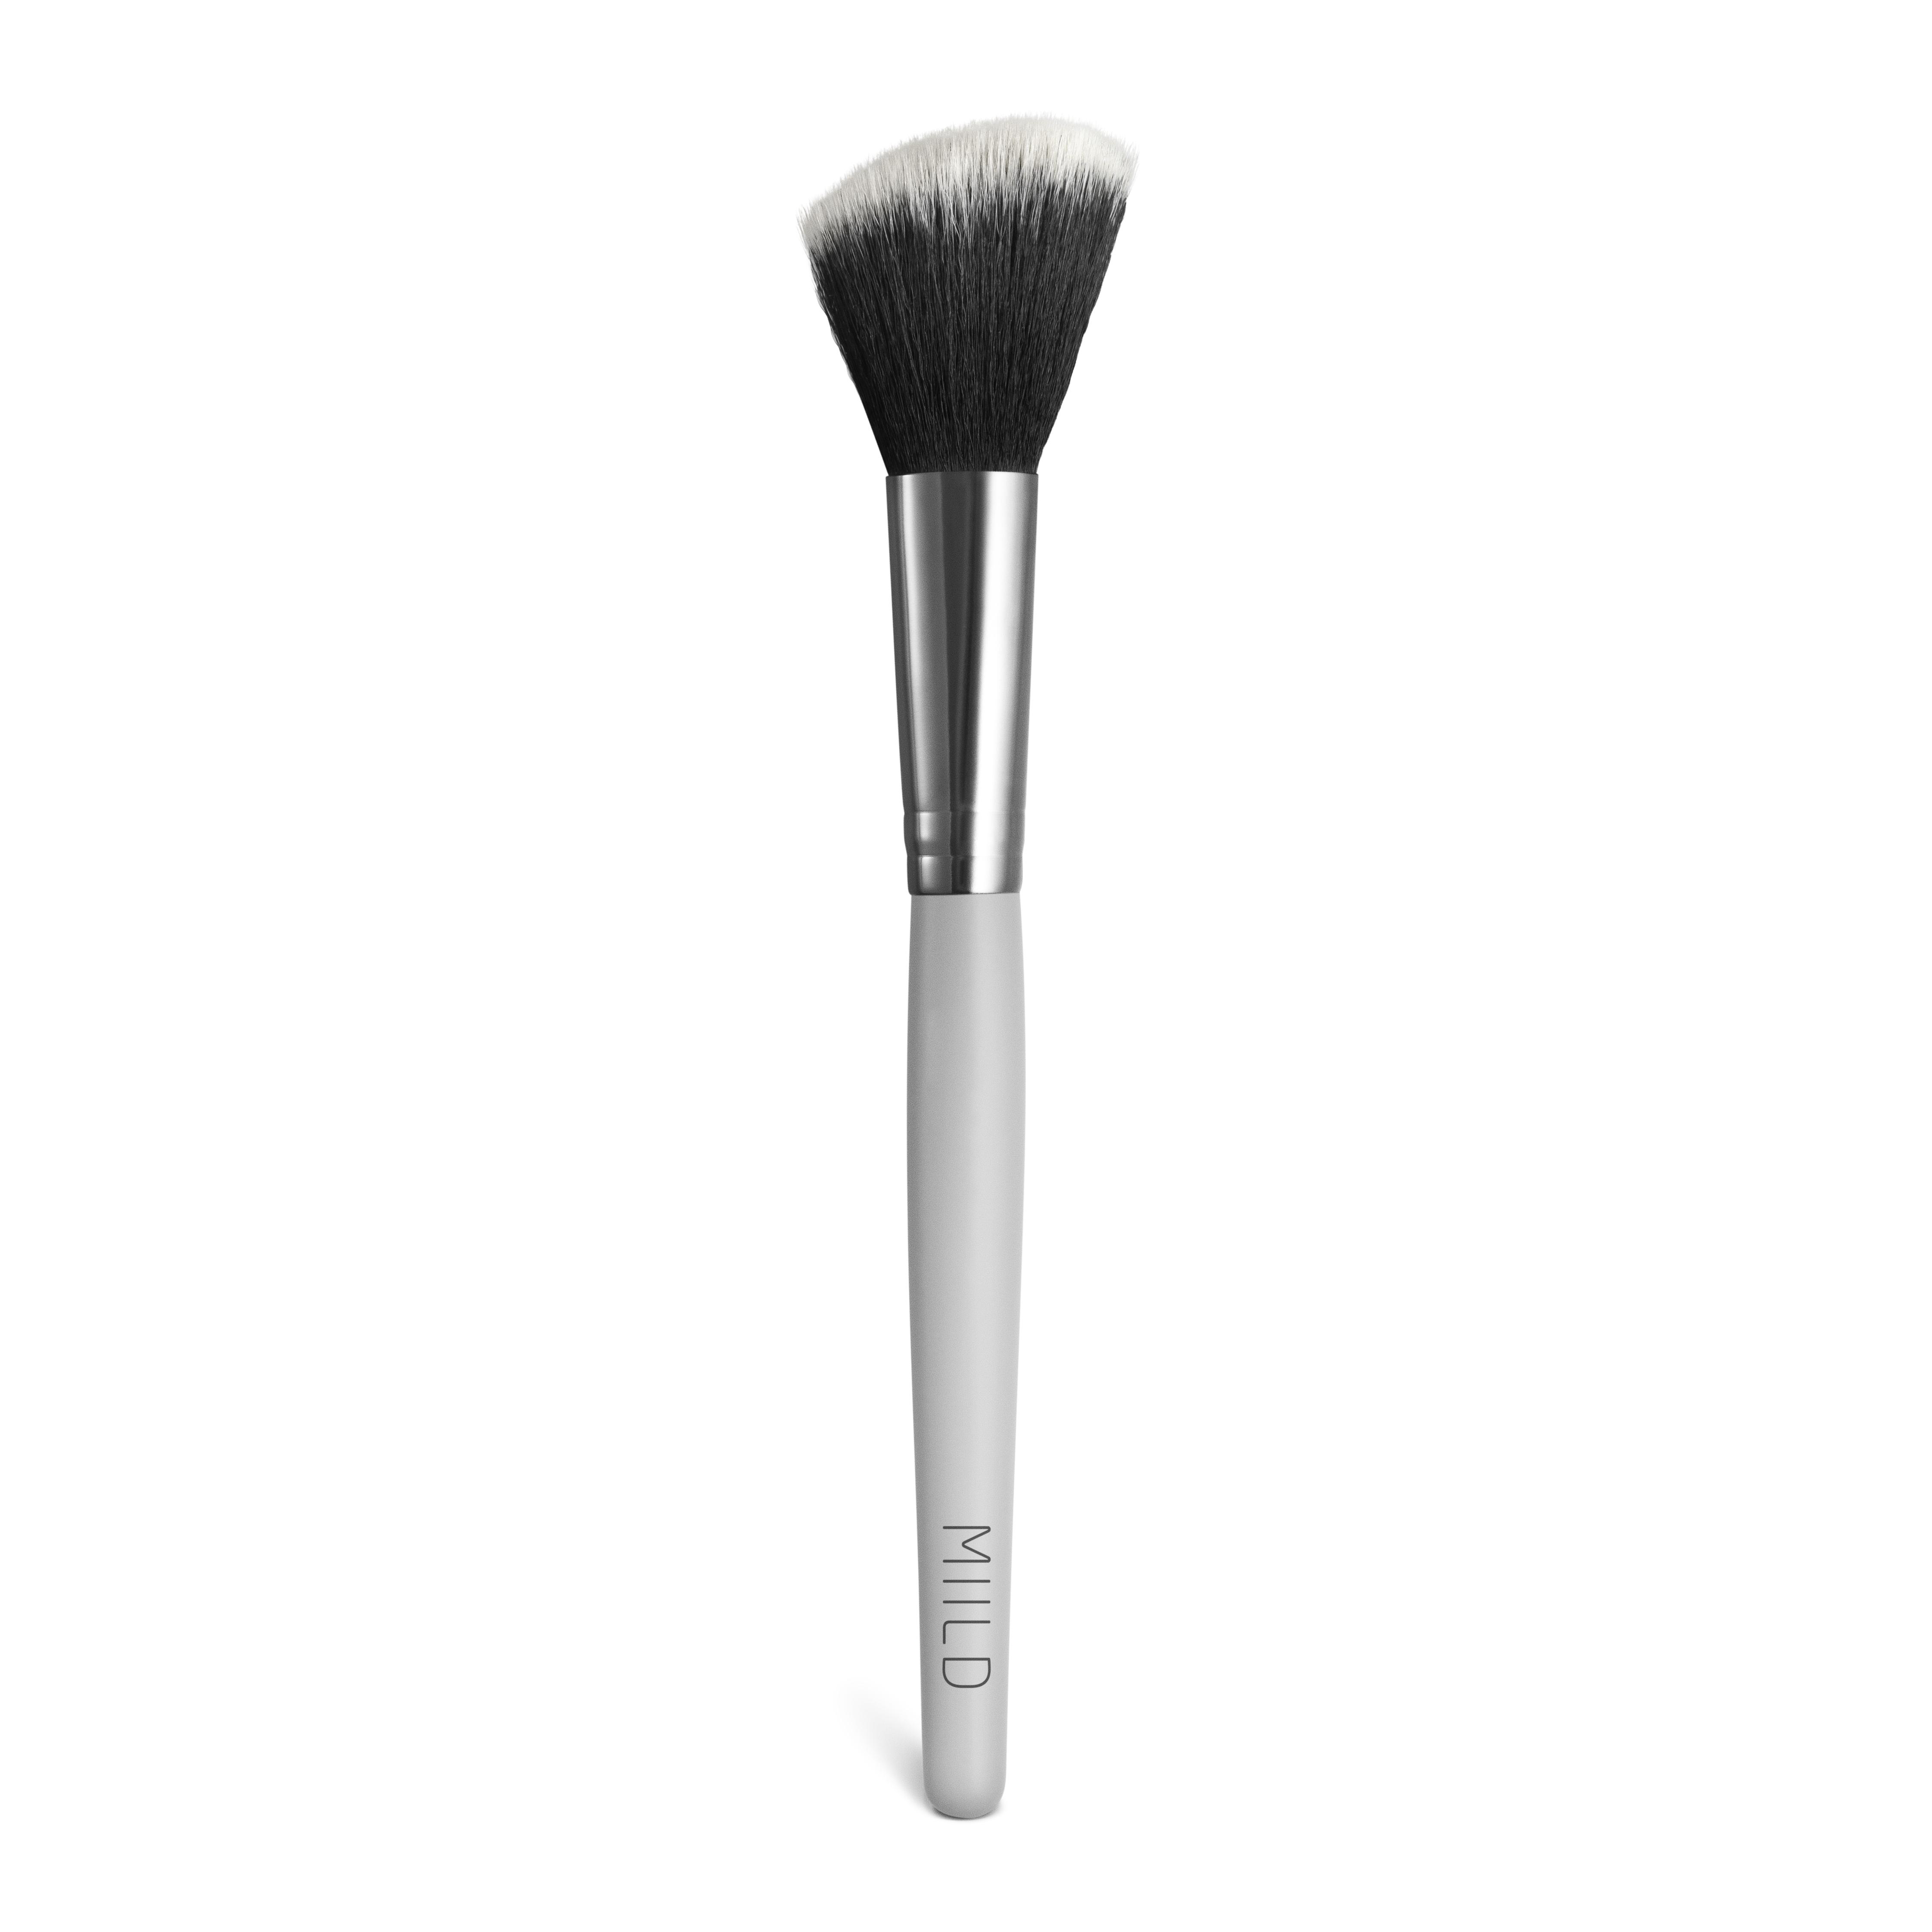 Miild 03 Multi Cheek Brush